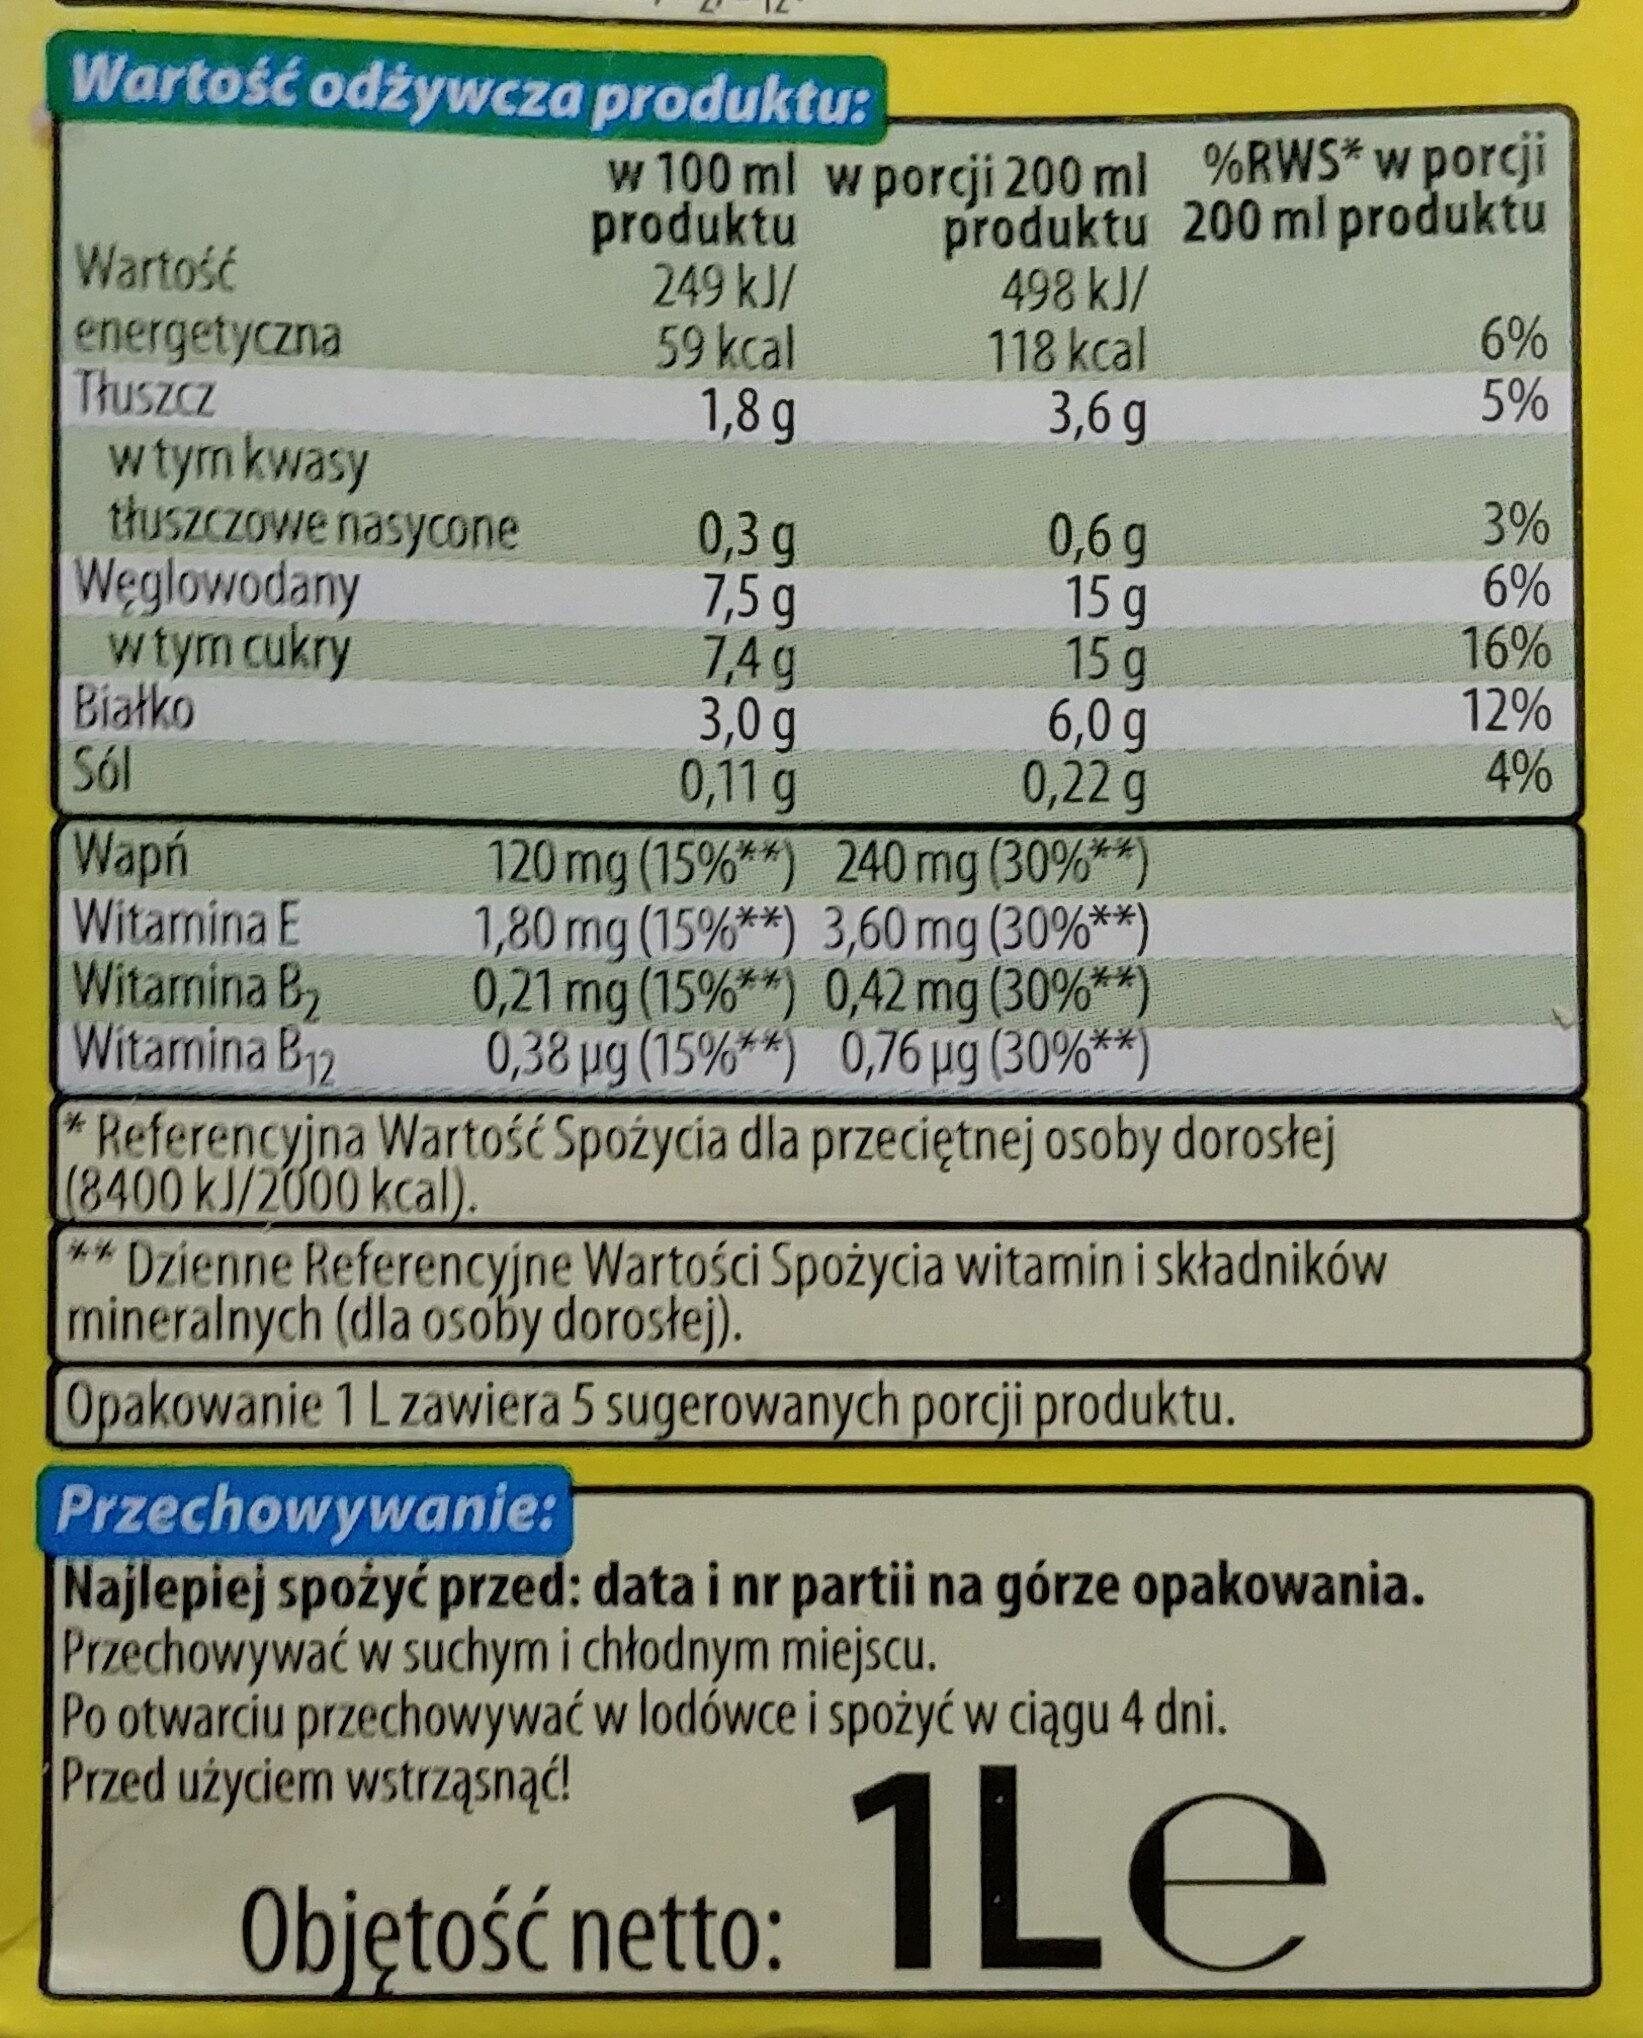 Napój sojowy UHT o smaku waniliowym wzbogacony w wapń i witaminy E, B, B12. - Wartości odżywcze - pl